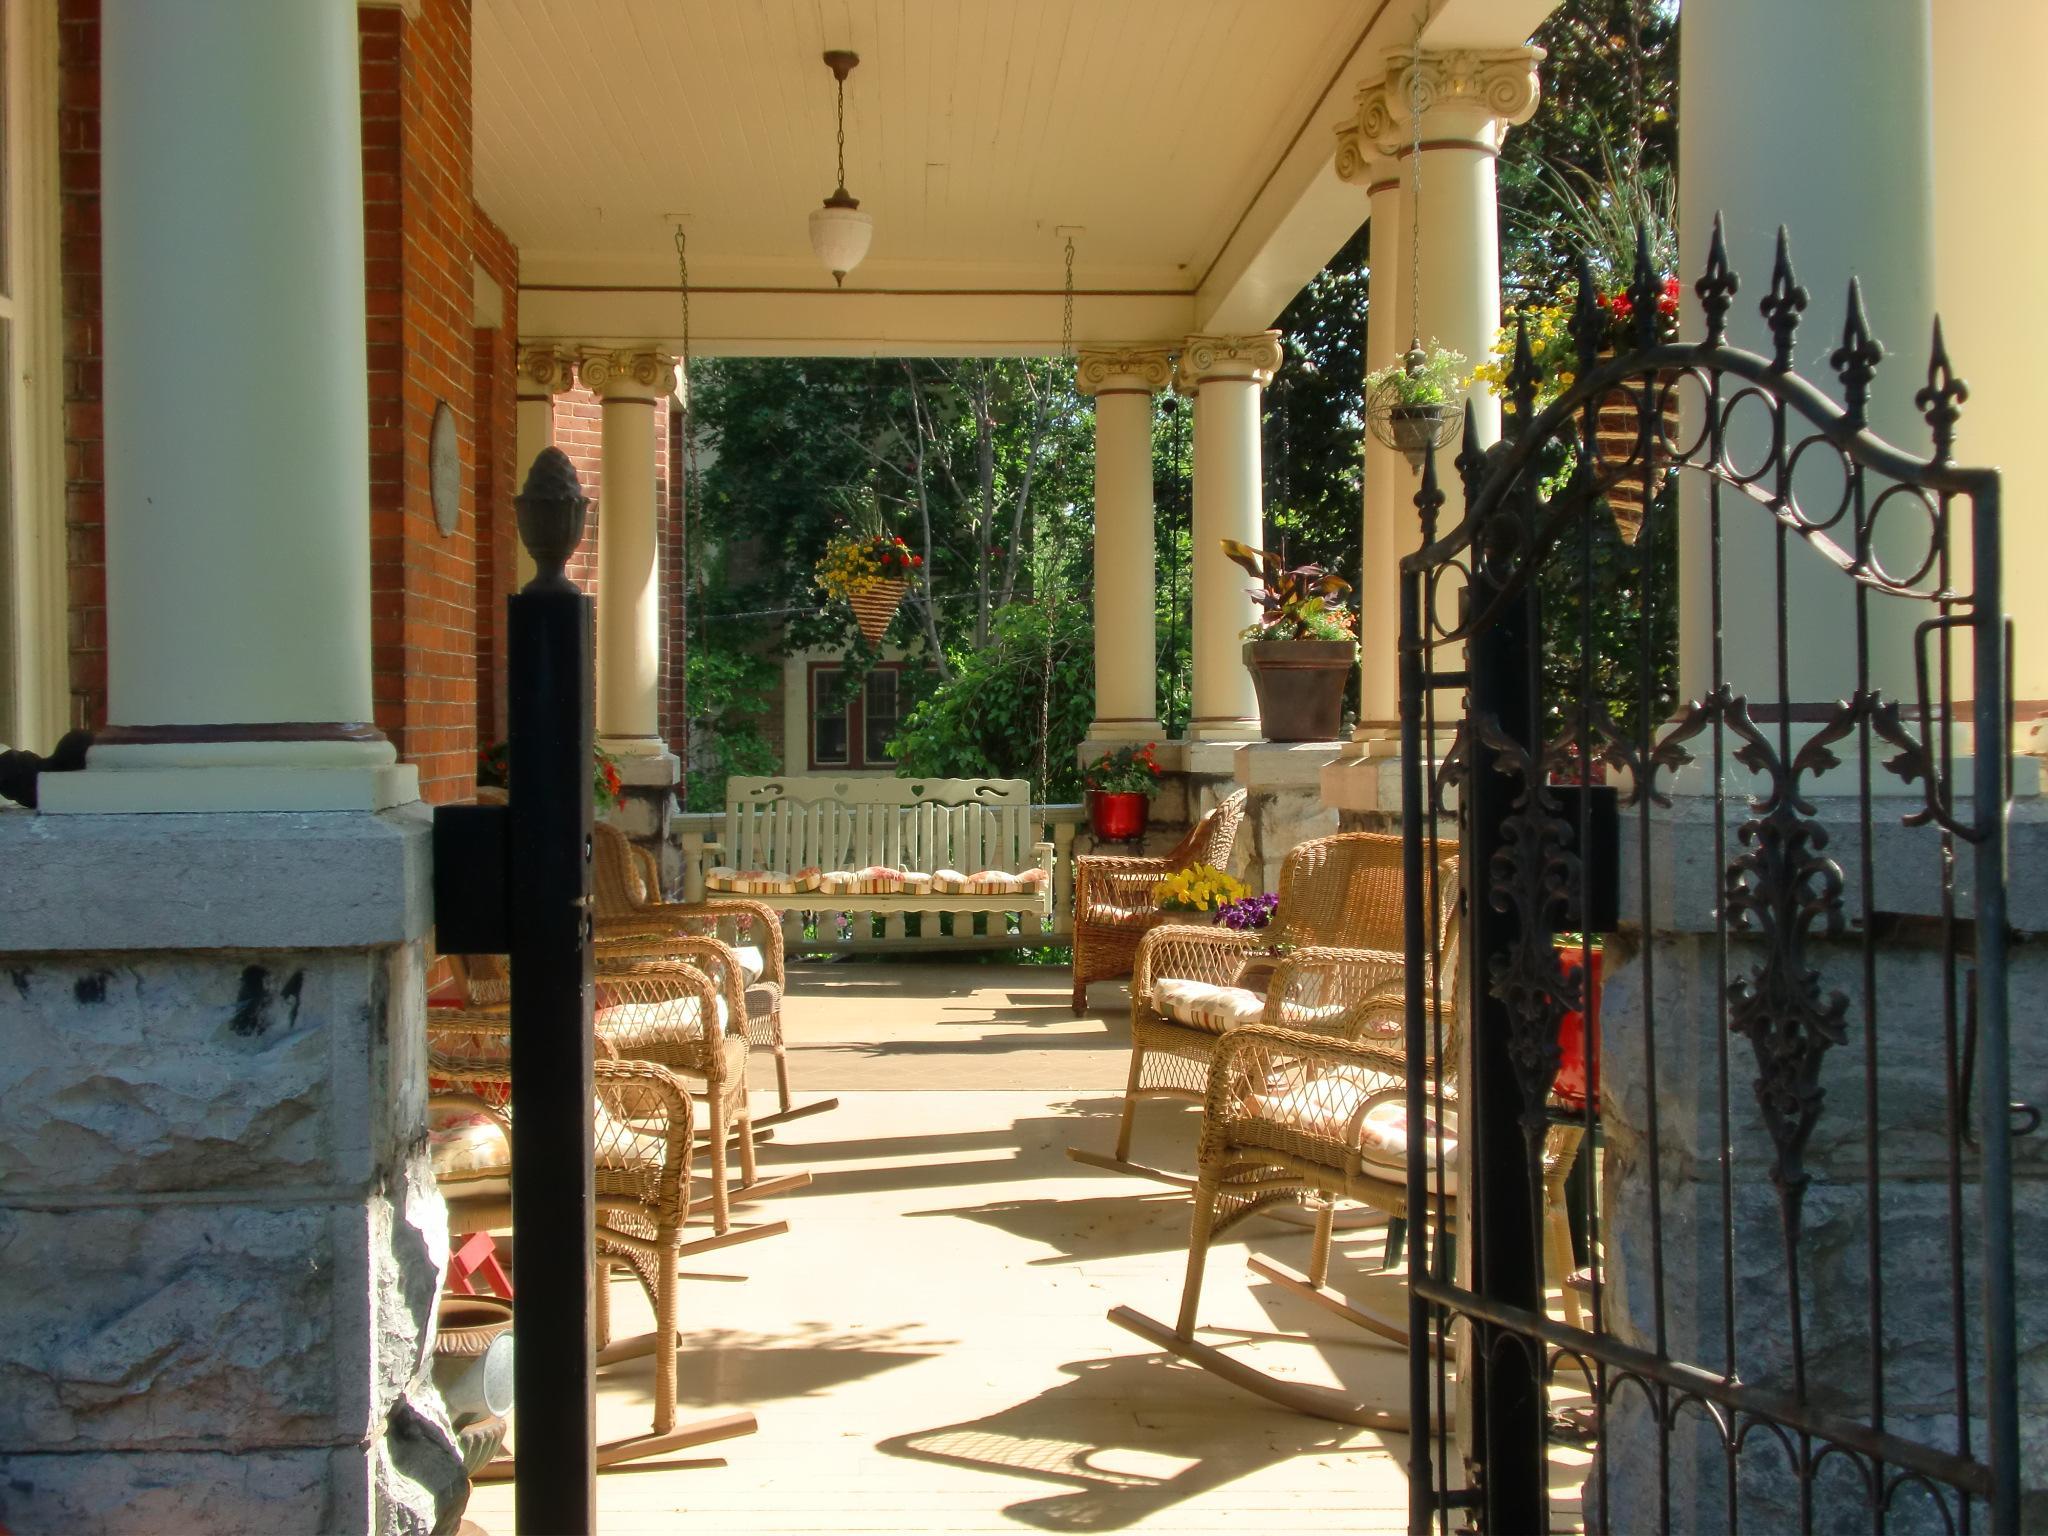 Secret Garden Bed & Breakfast Inn